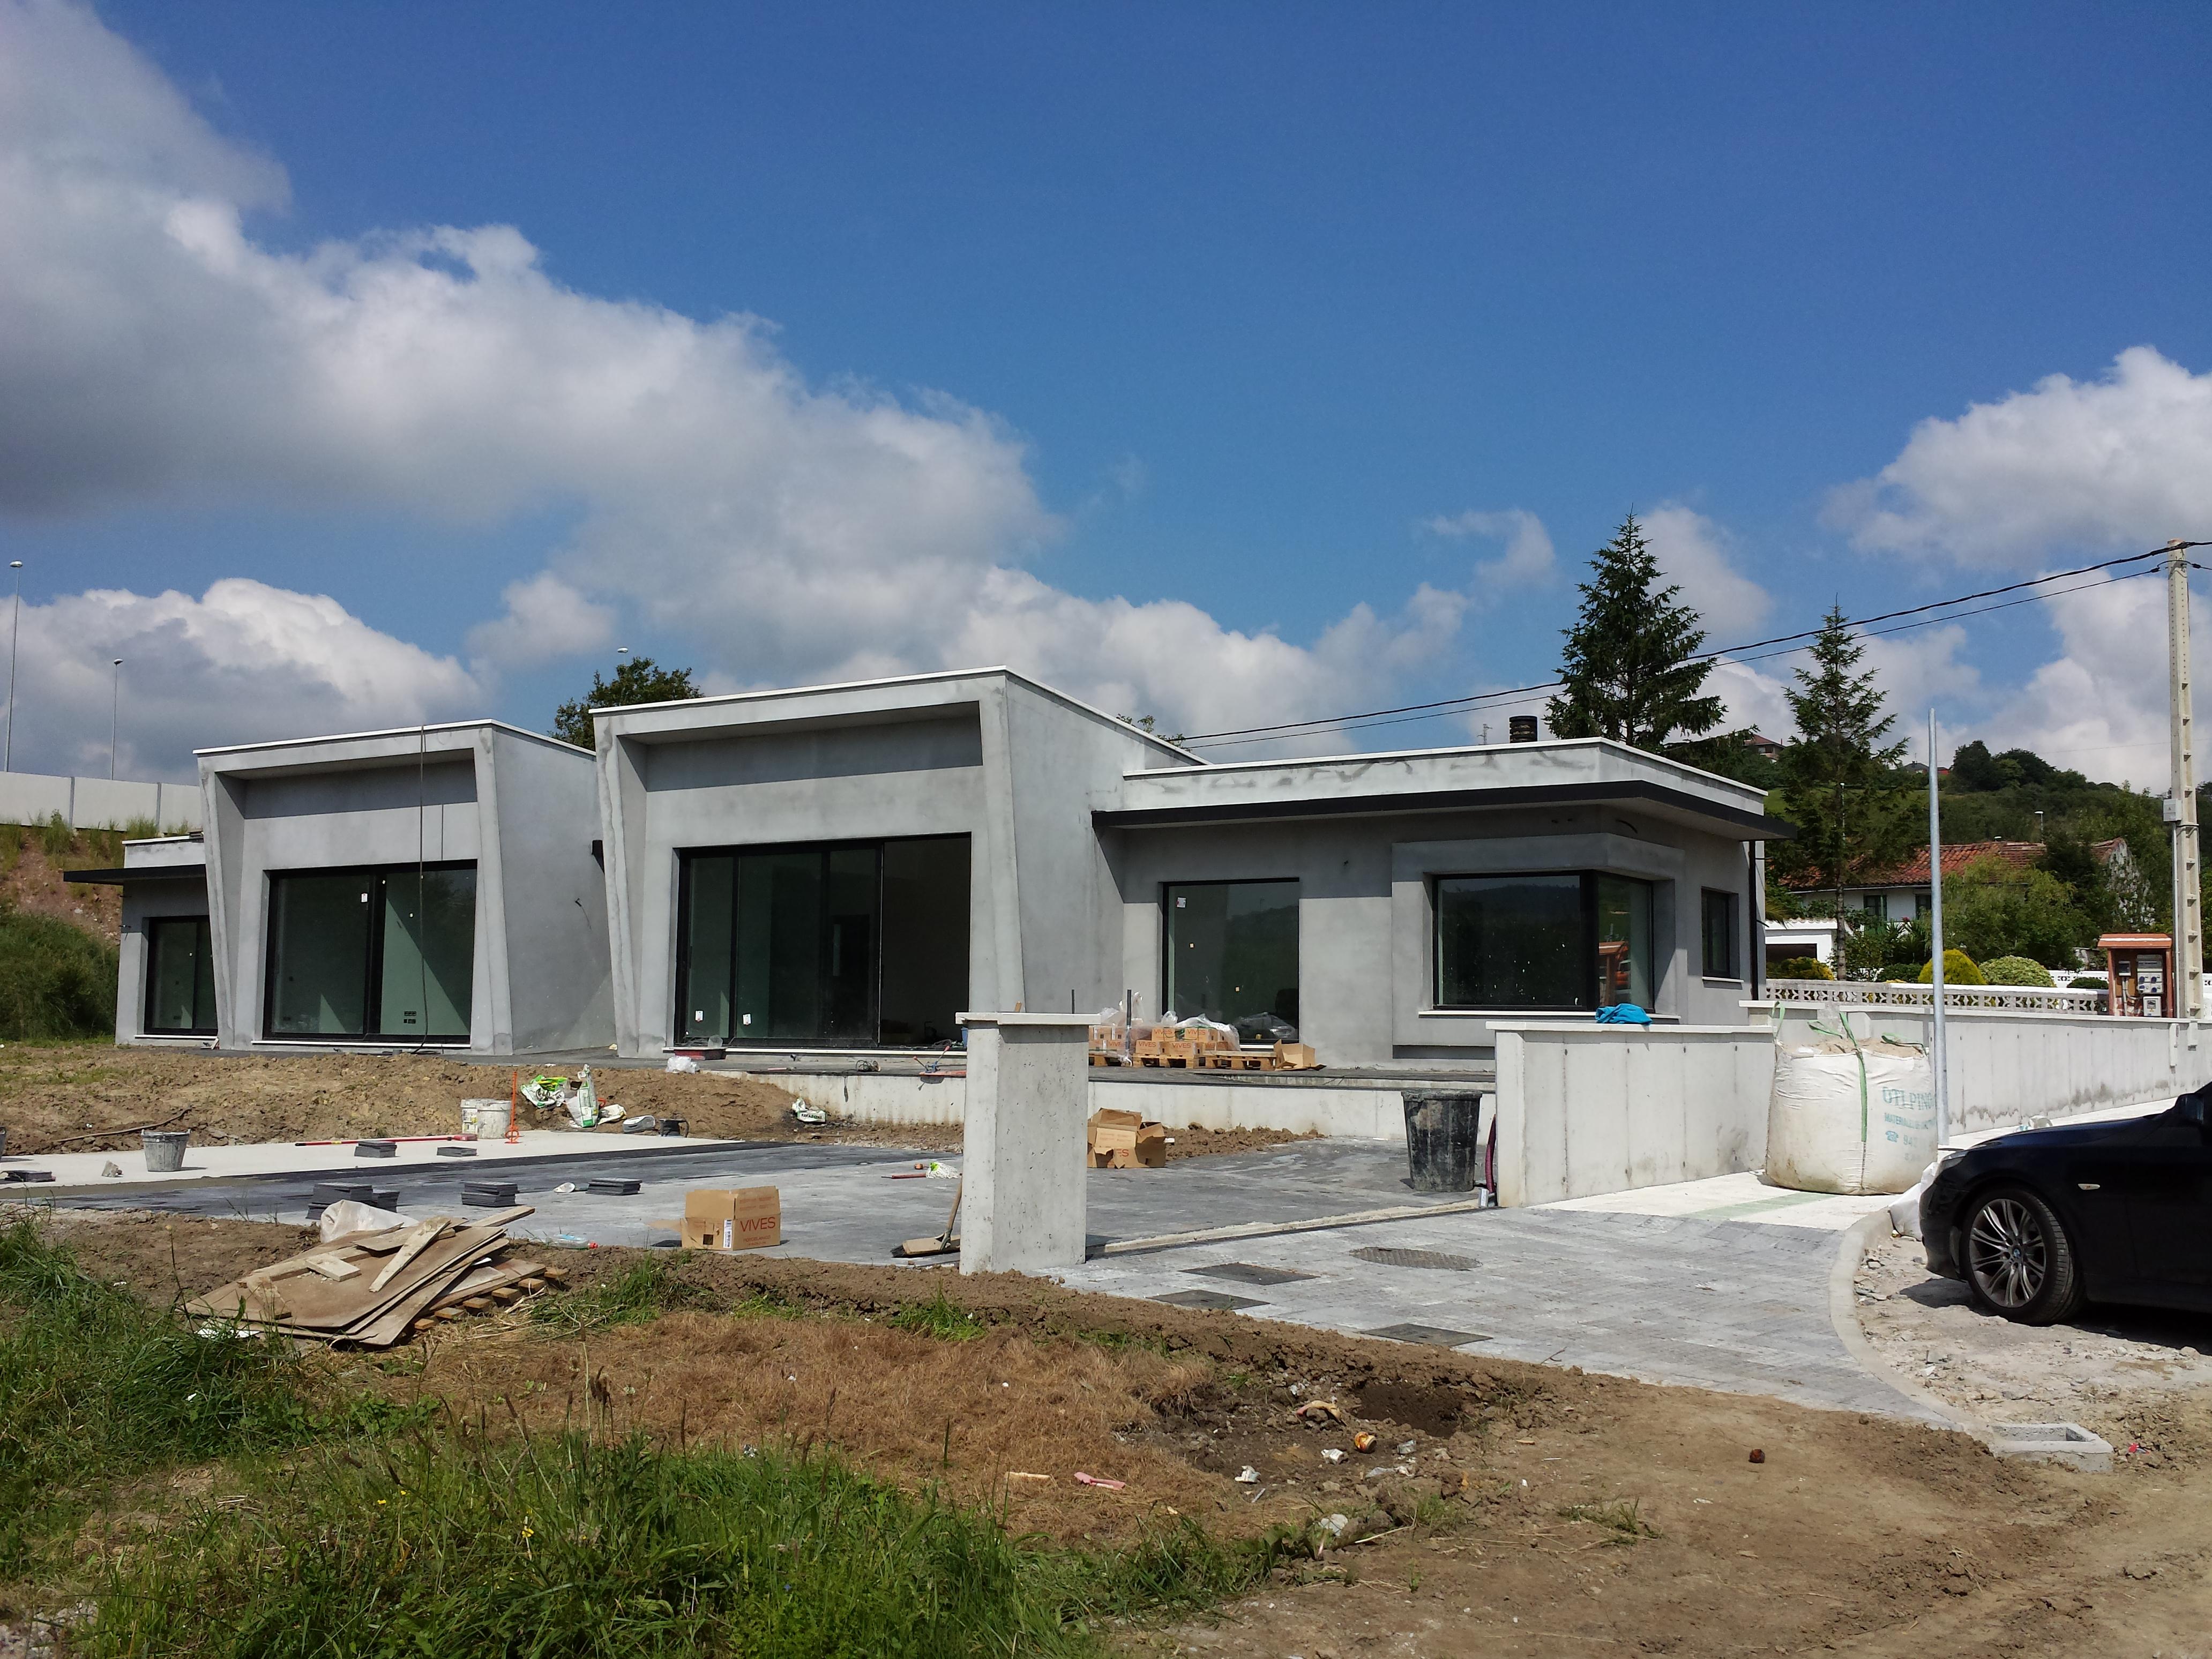 Construcci n de viviendas unifamiliares hefemar - Construccion viviendas unifamiliares ...